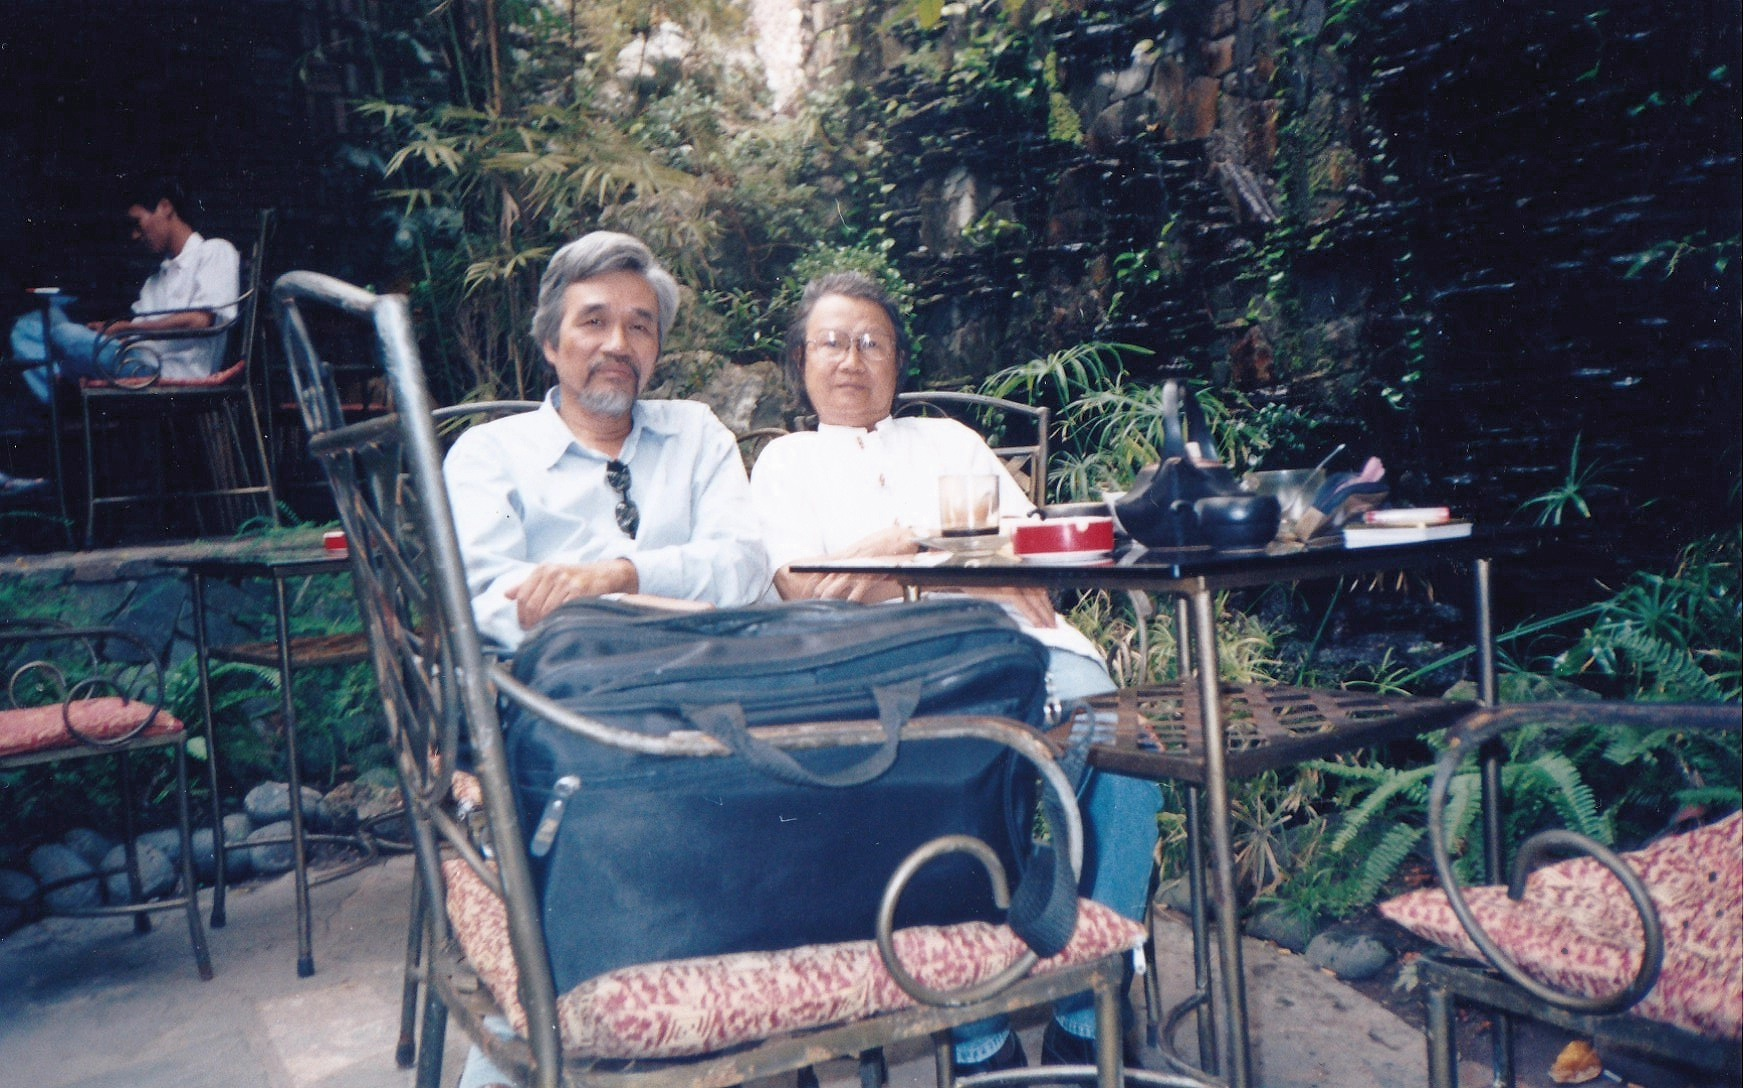 Cùng nhà thơ Phan Đan, ở quán cà phê Lối về, trước Tết Bính Tuất 2006 hai ngày.